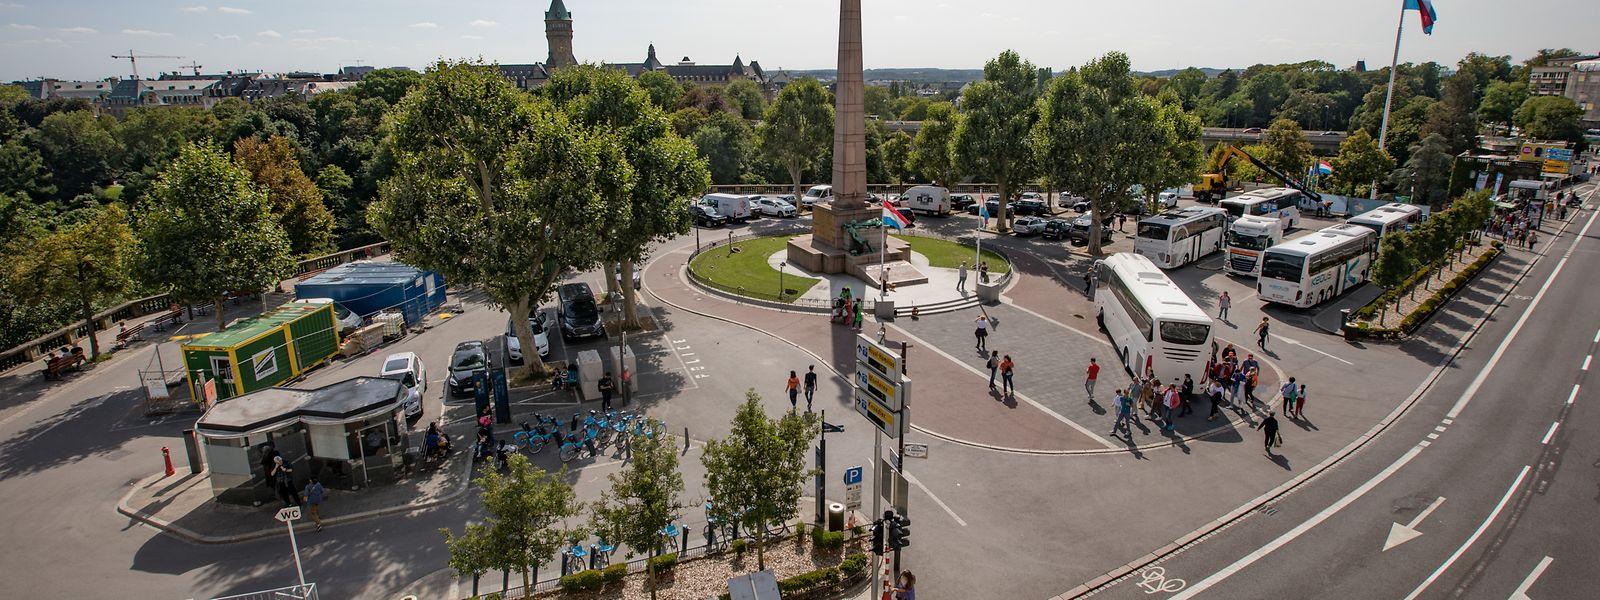 Fahrräd und Fußgänger statt Autos und Busse: Der sanften Mobilität wird bei der Neugestaltung der Place de la Constitution Vorrang eingeräumt.